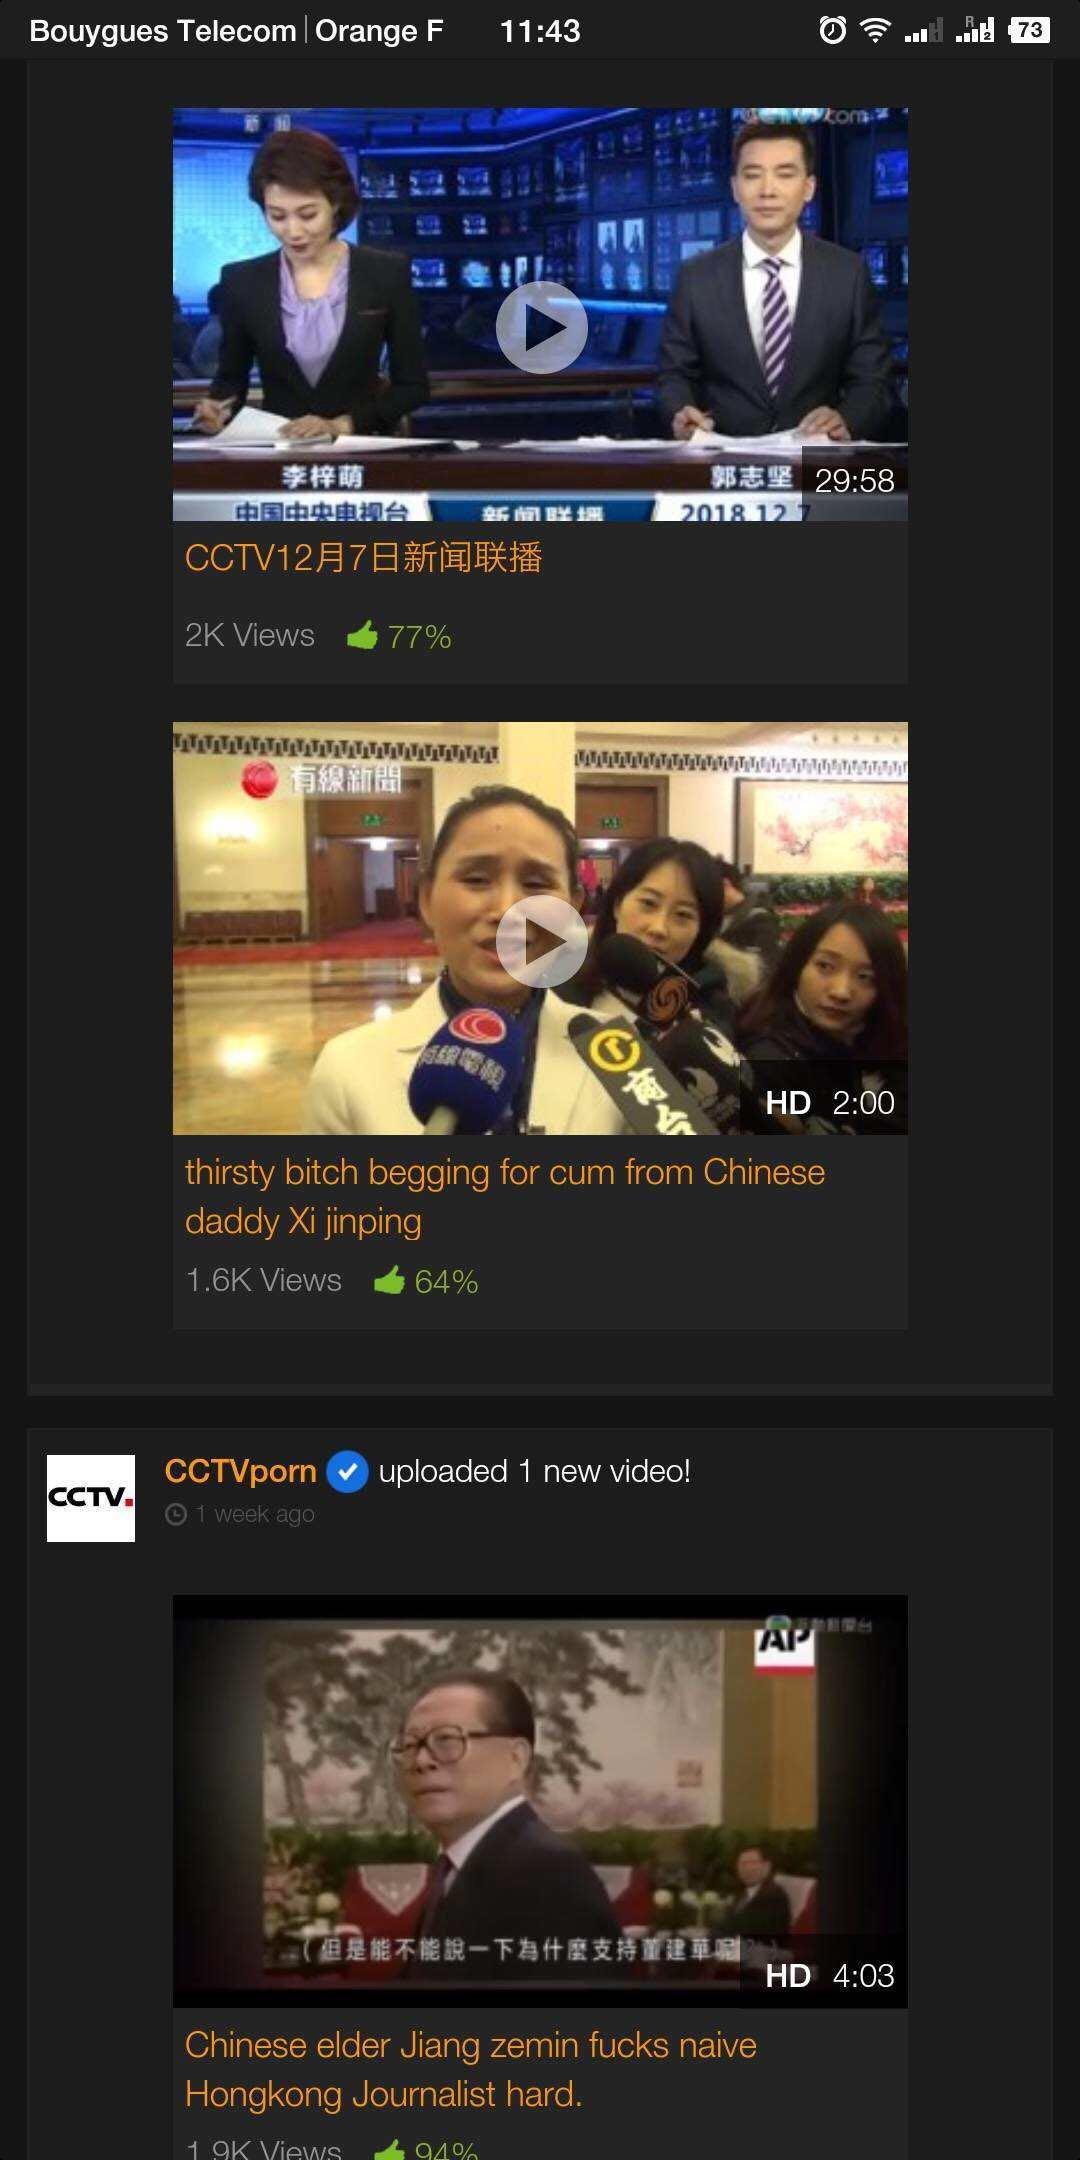 蛤主席怒斥香港记者_【麻辣总局】你们在干什么?!这是正规黄色网站 | 中国数字时代